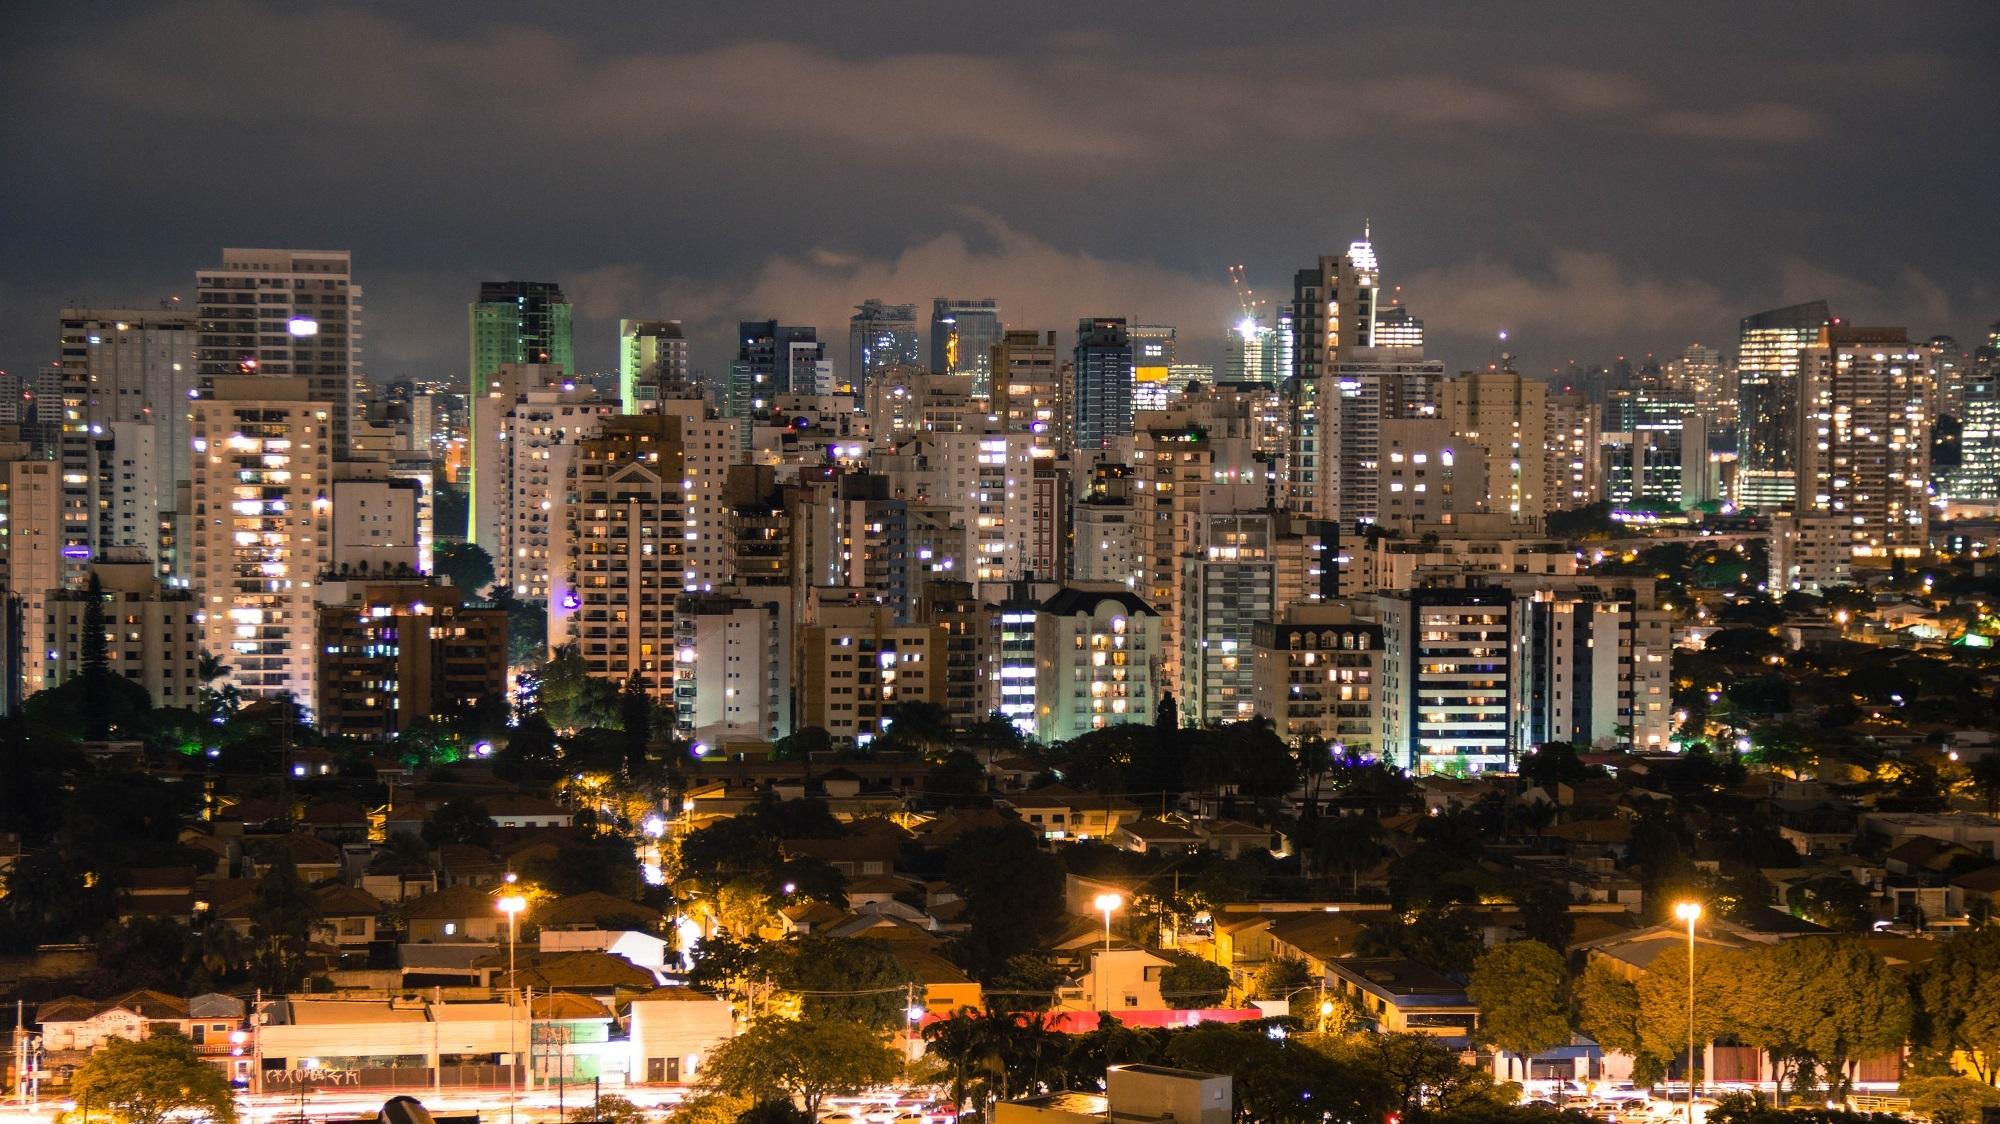 Sao Paulo, Architecture, Brazil, Building, City, HQ Photo